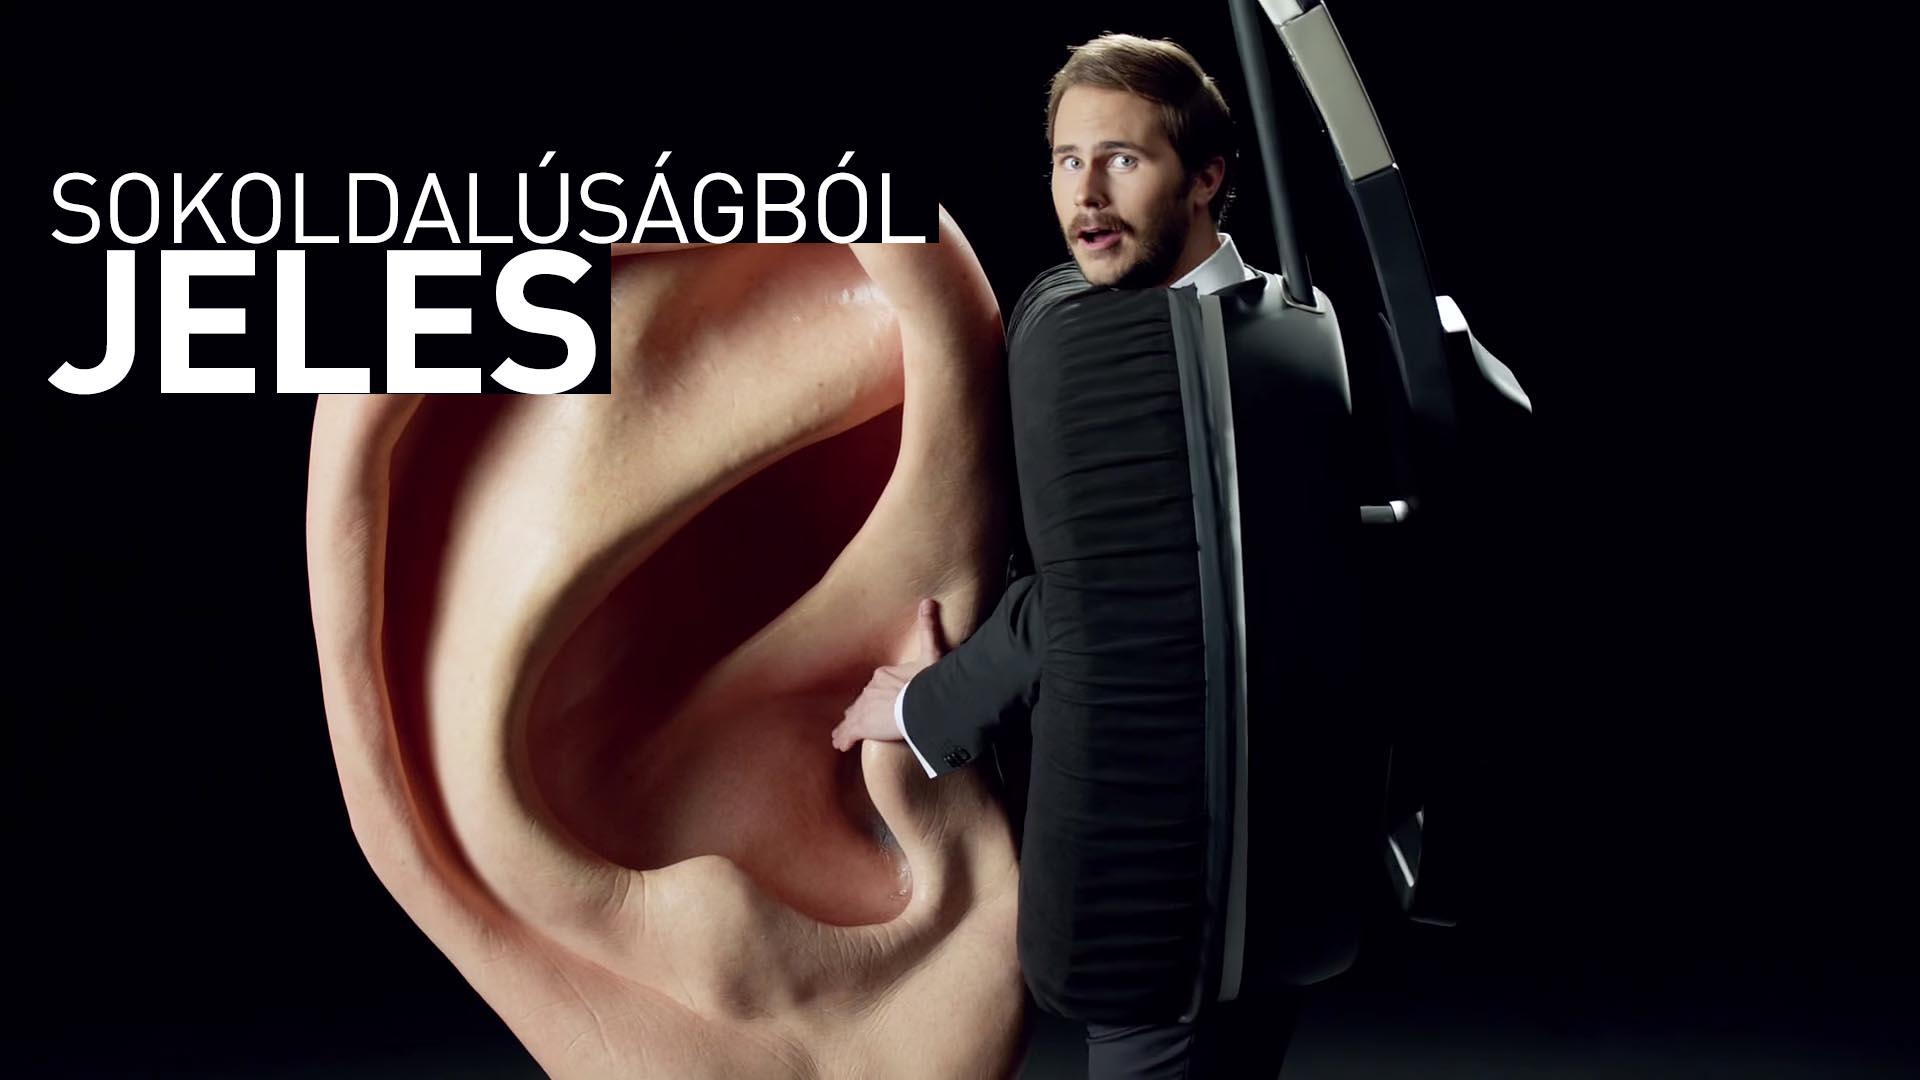 3035665-poster-p-1-this-creepy-german-dude-wants-you-to-wear-sennheiser-headphones.jpg